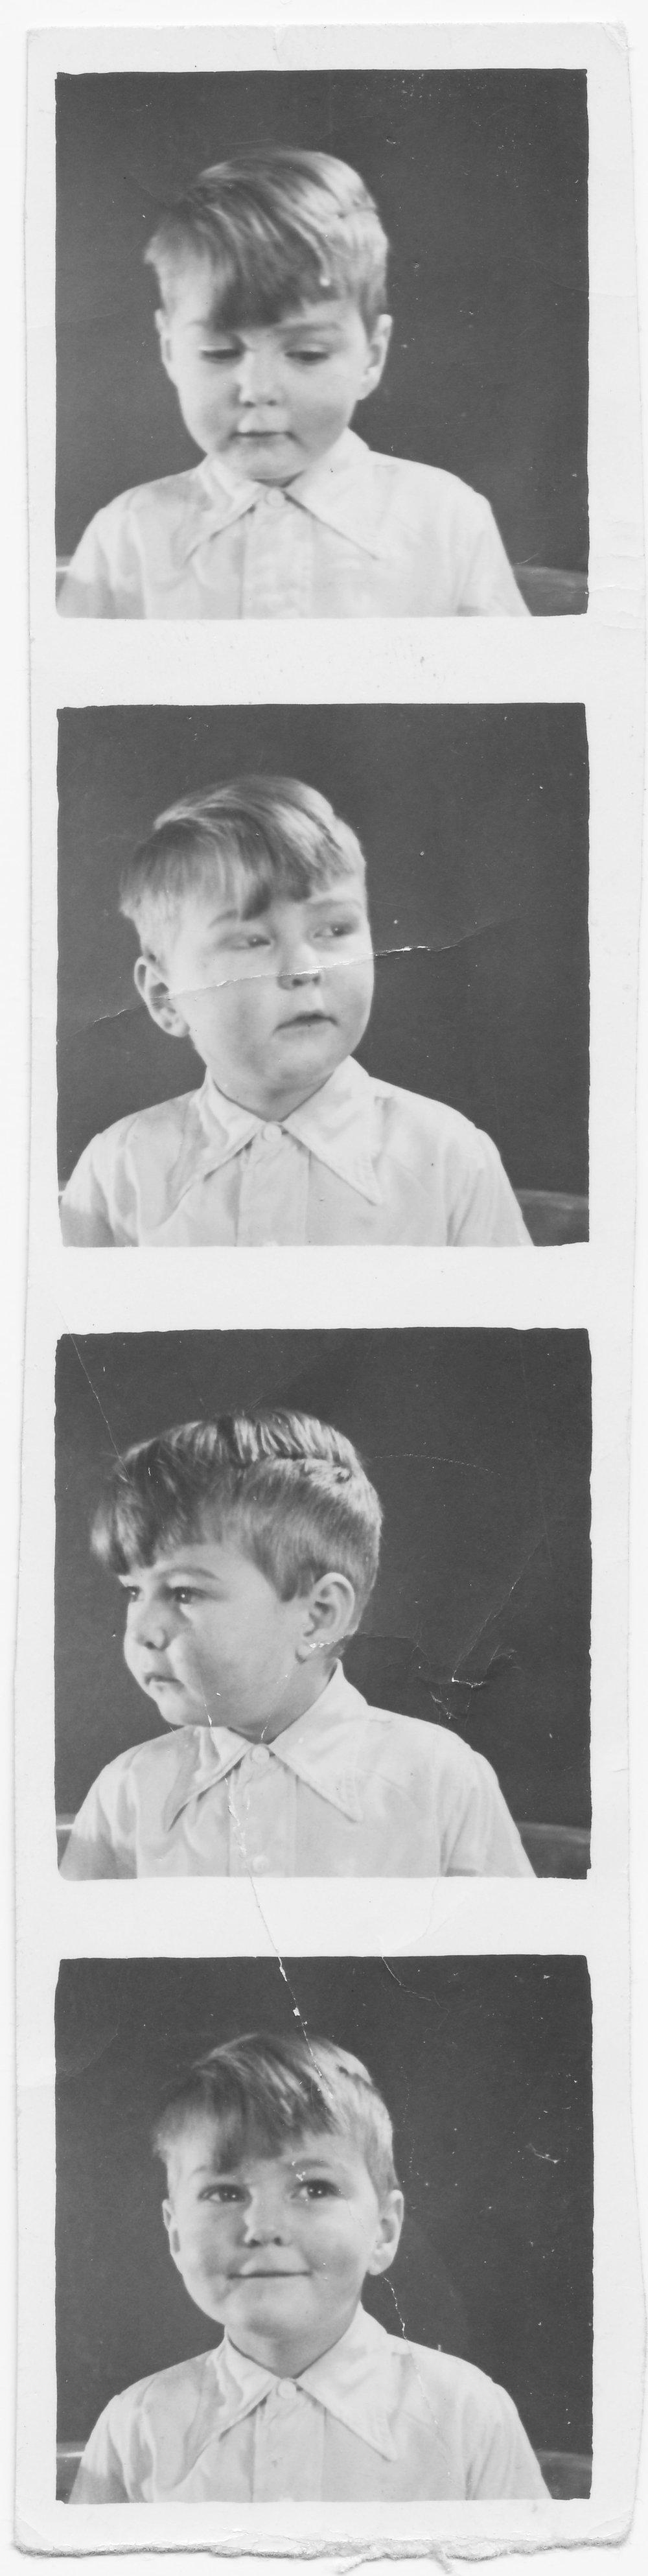 1944 Paul X 4.jpg